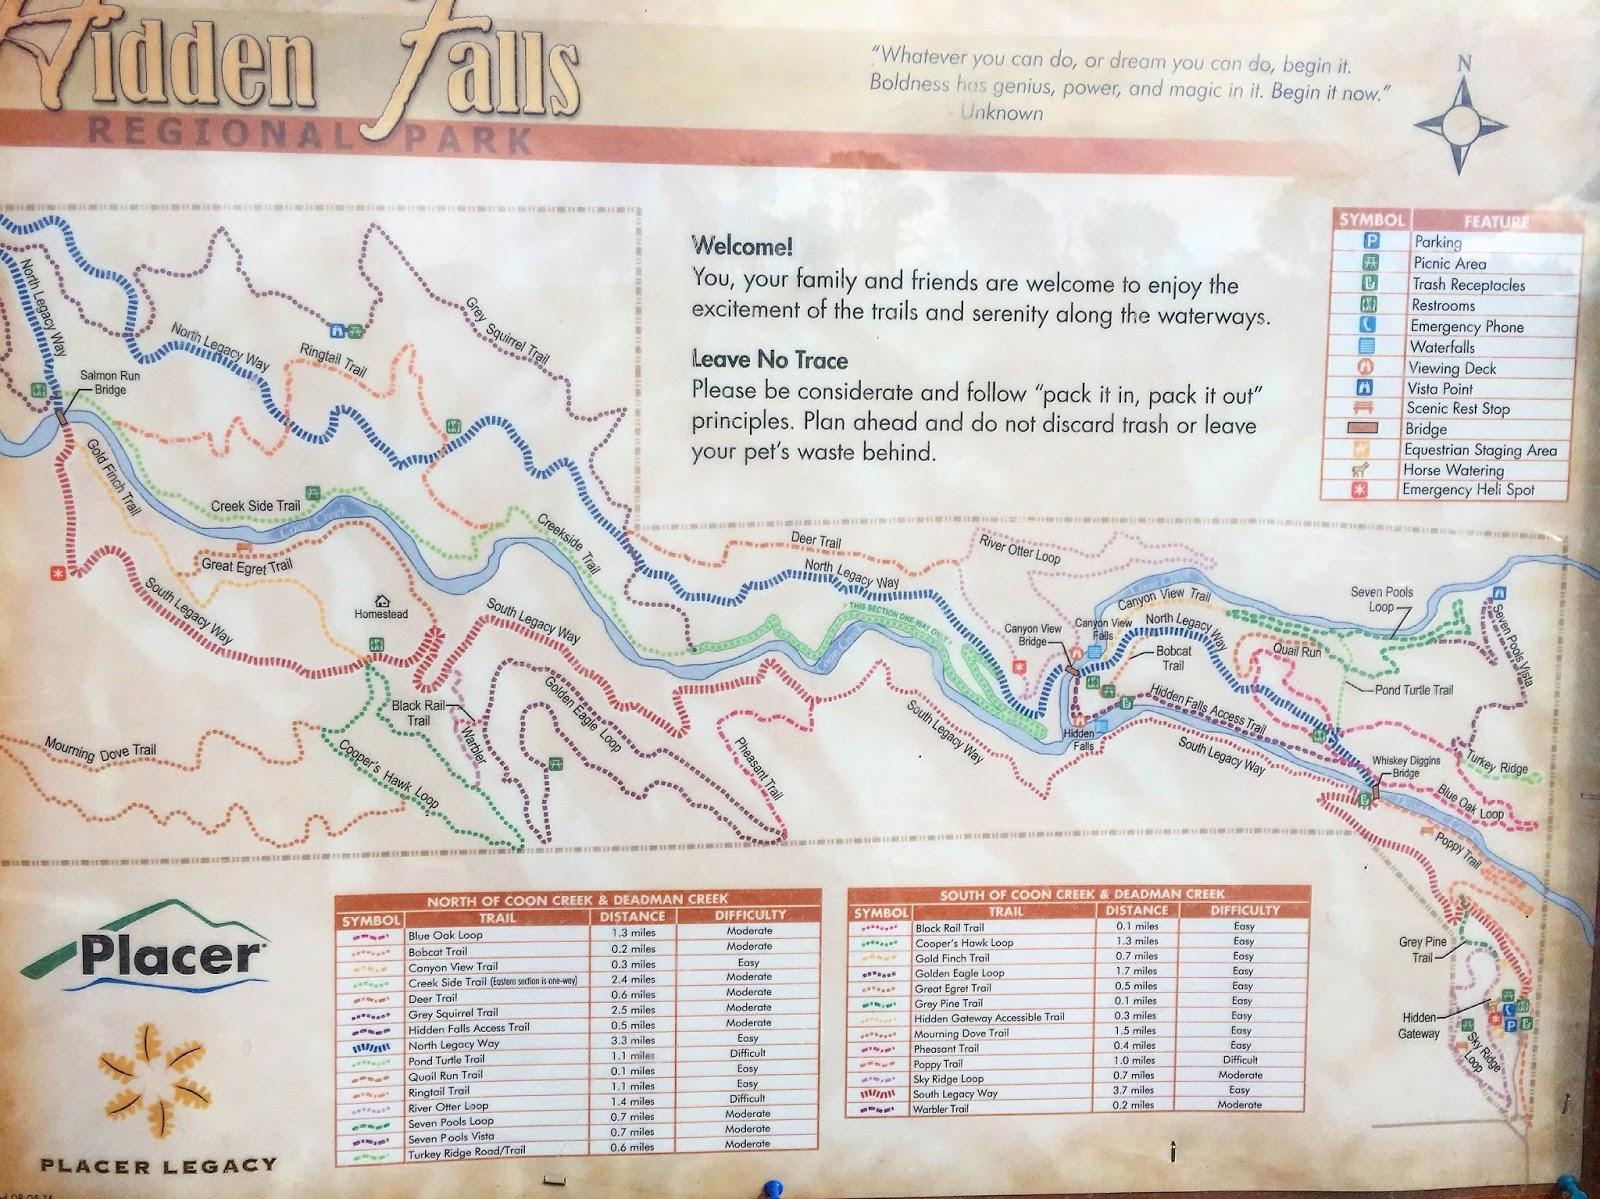 Hidden Falls Trail Map Auburn Ca on hidden falls hike auburn ca, hidden falls park auburn california, hidden falls adventure park trail map,